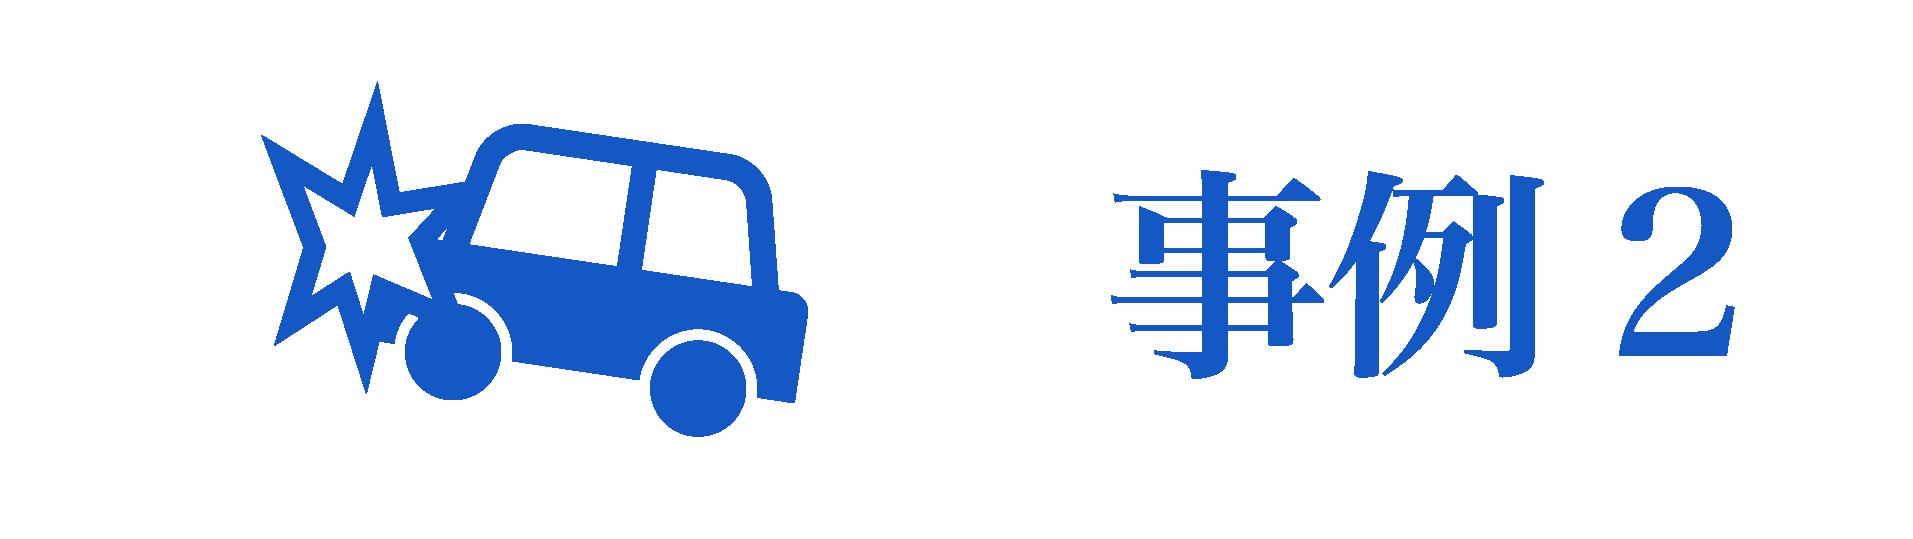 jirei2 1 - 交通事故治療について